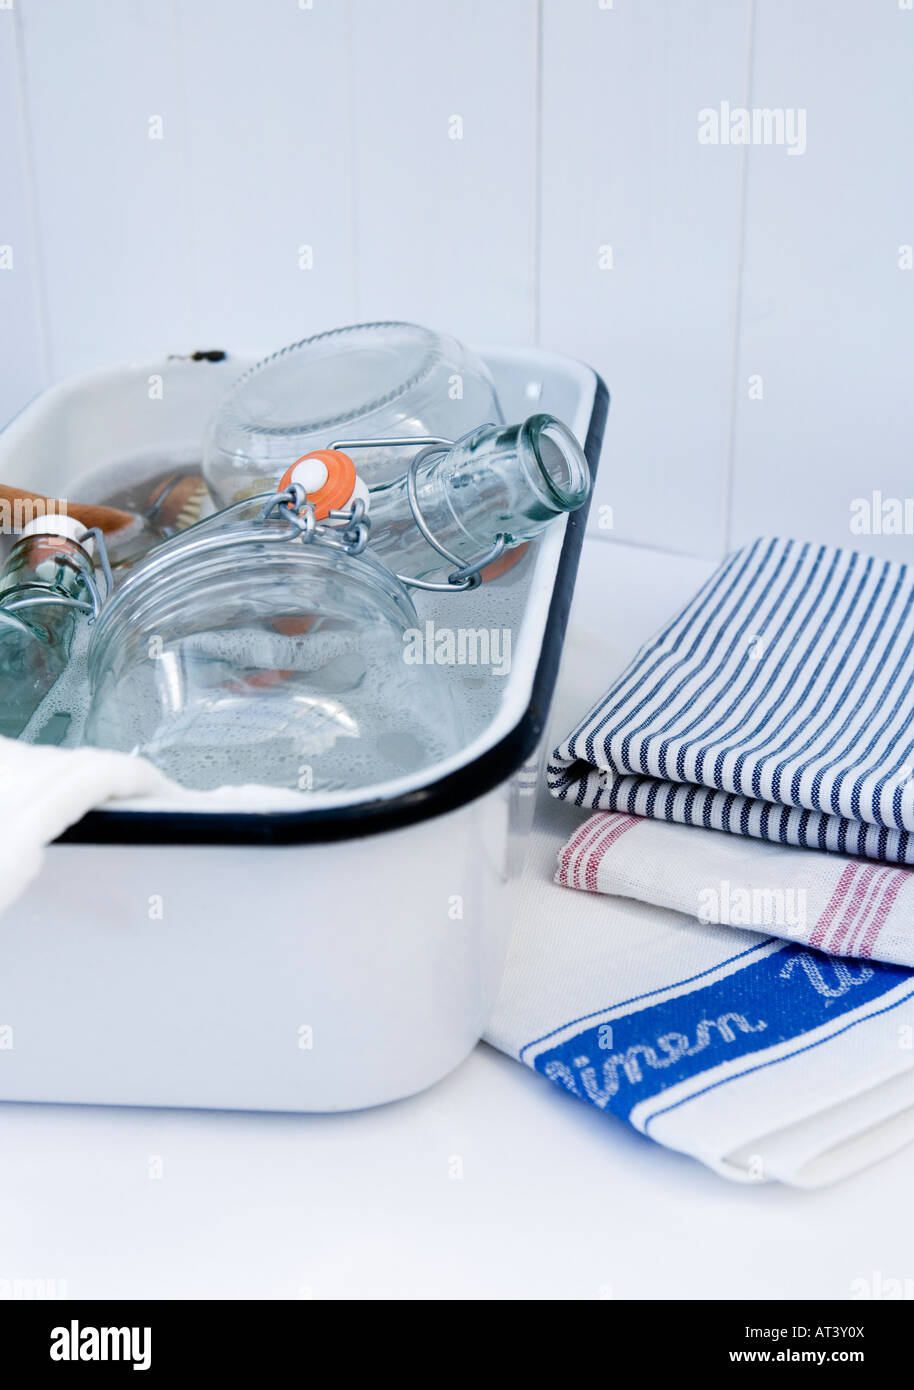 Tea Towels Stock Photos & Tea Towels Stock Images - Alamy